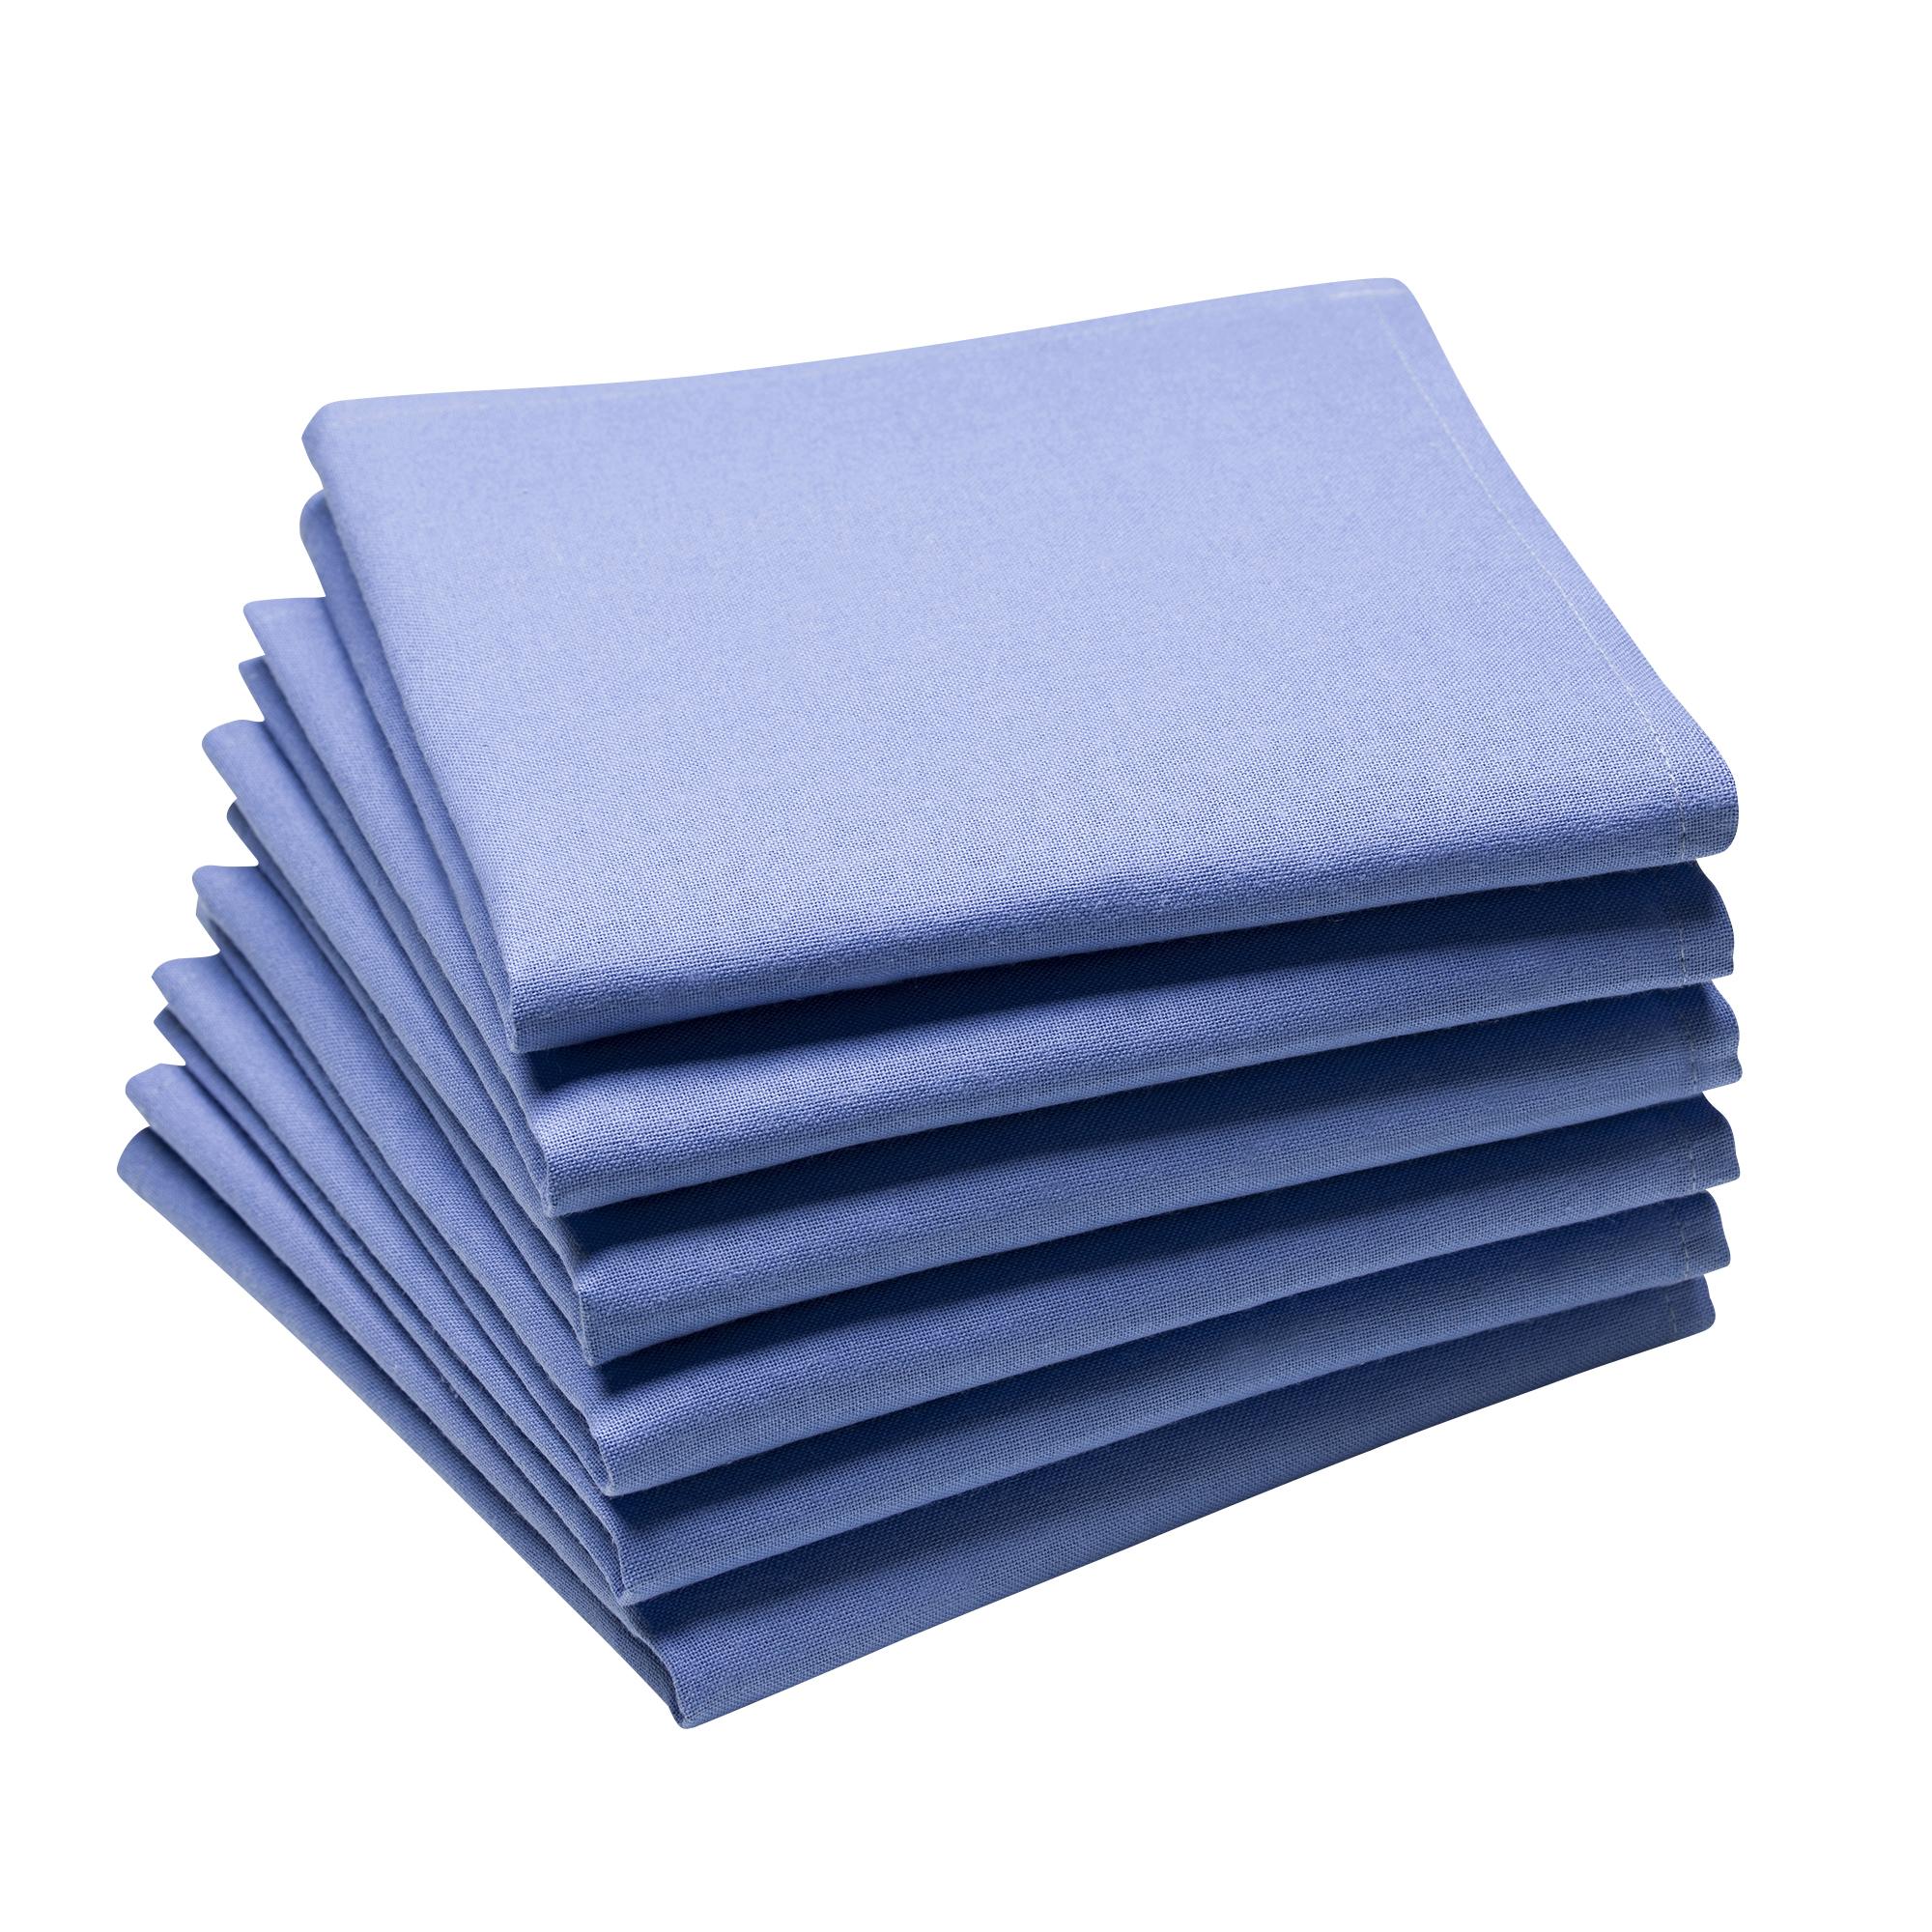 Lot de 6 serviettes en coton traite Teflon, Bleu lin 45 x 45